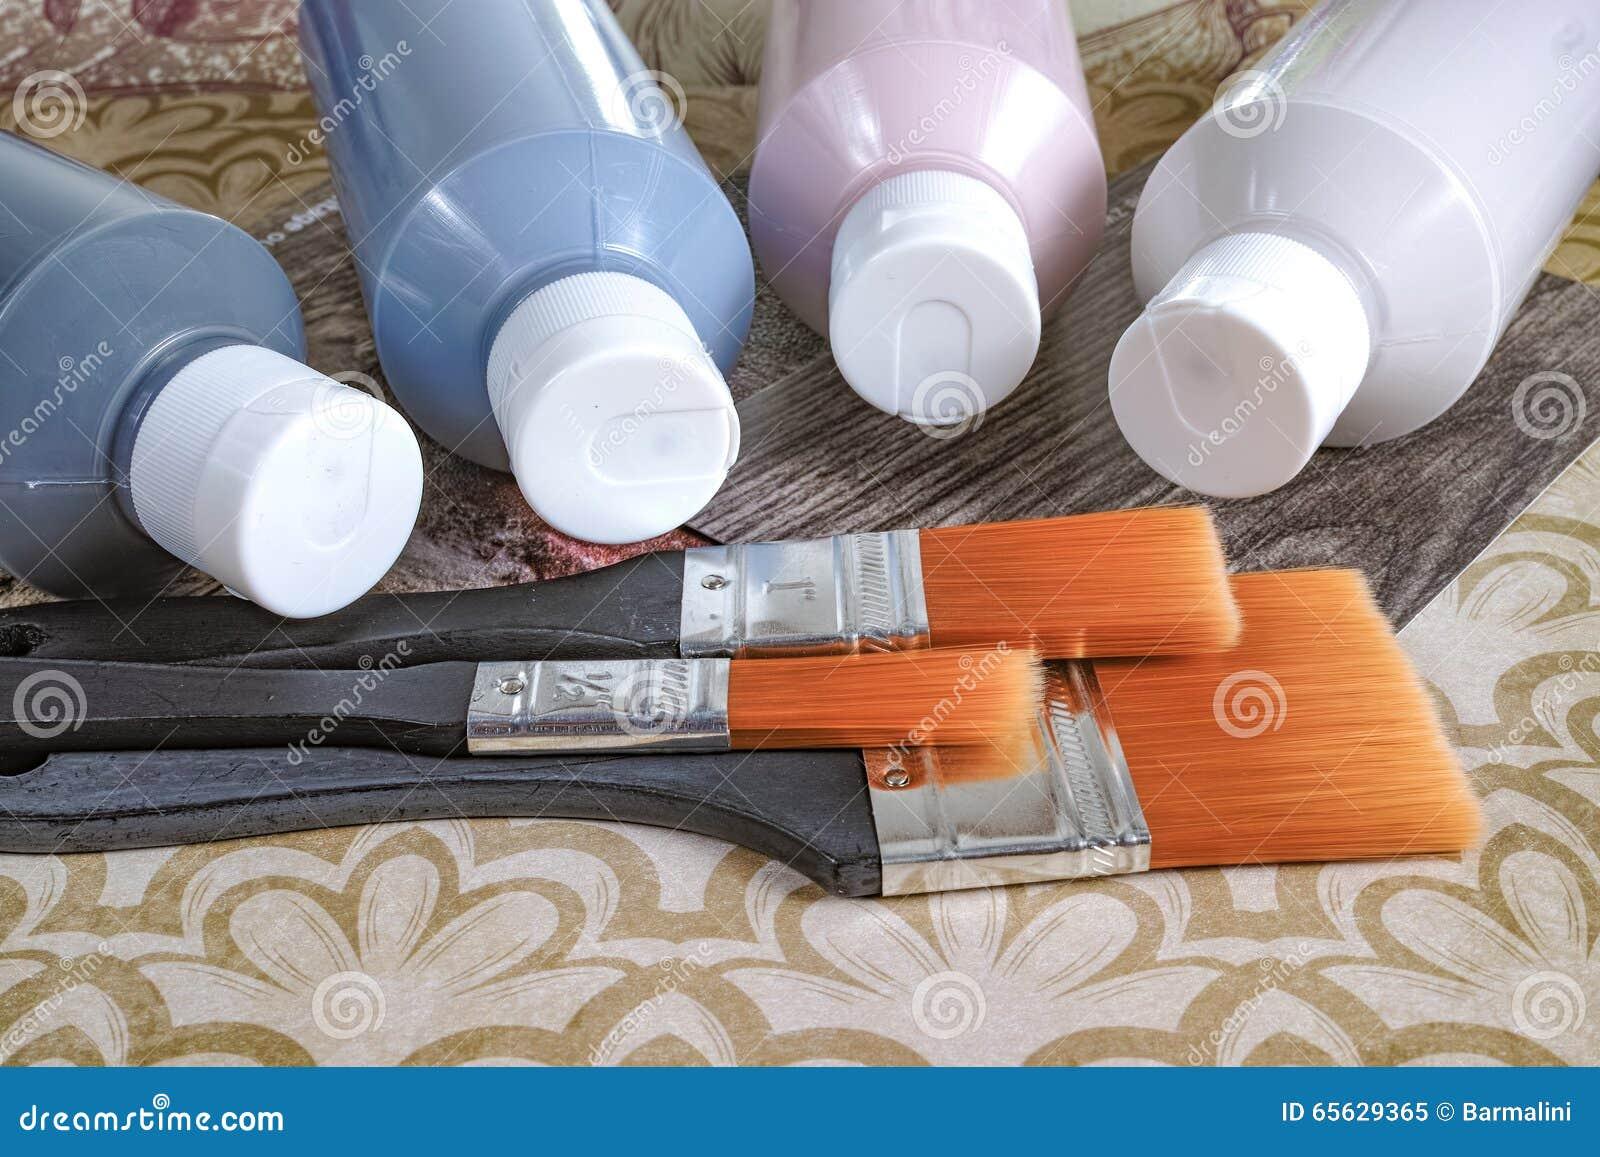 Bouteilles avec la peinture acrylique avec des brosses, fait main, le passe-temps et la décoration